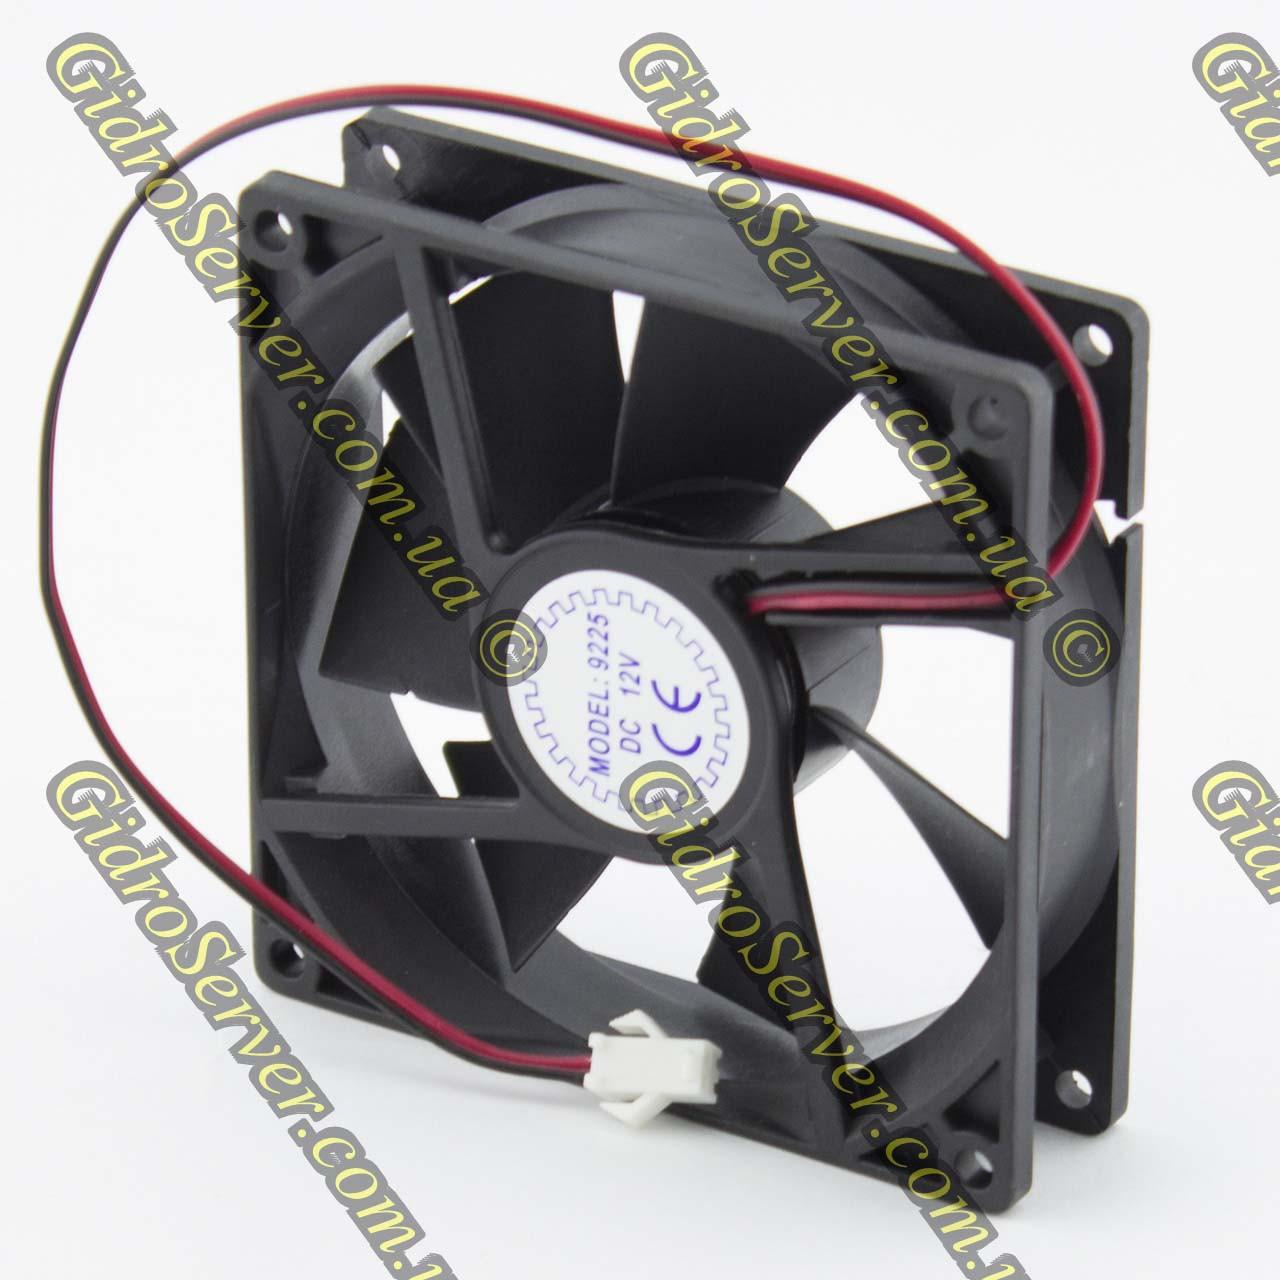 Вентилятор для душевой кабины, гидромассажного бокса VT-01.